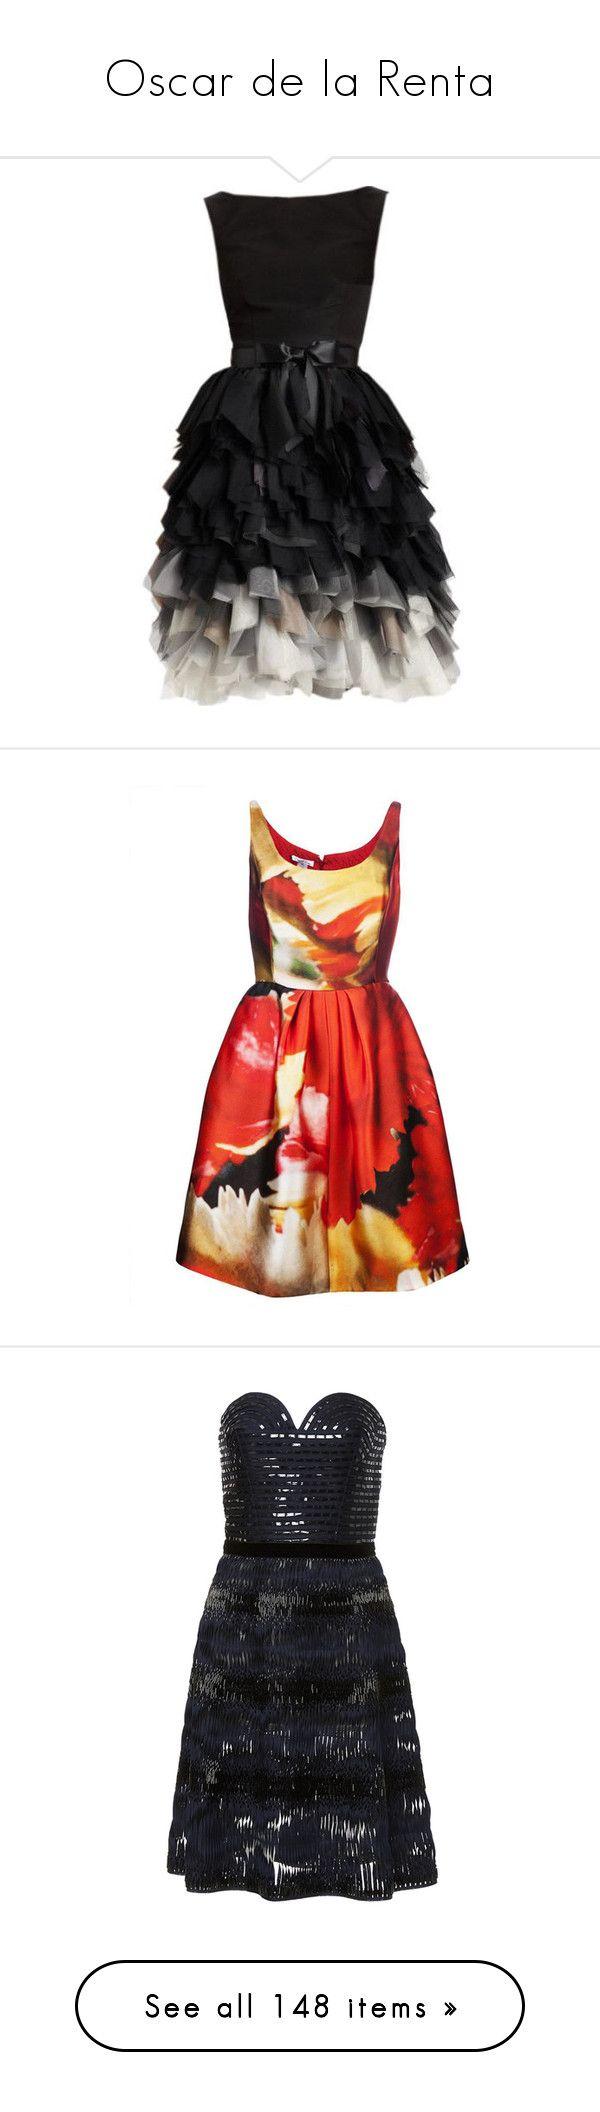 """""""Oscar de la Renta"""" by khaosprincess ❤ liked on Polyvore featuring dresses, oscar de la renta, silk cocktail dress, silk dress, ruffle cocktail dress, ruffle dress, cocktail dresses, evening dresses, silk pleated dress and multi color dress"""